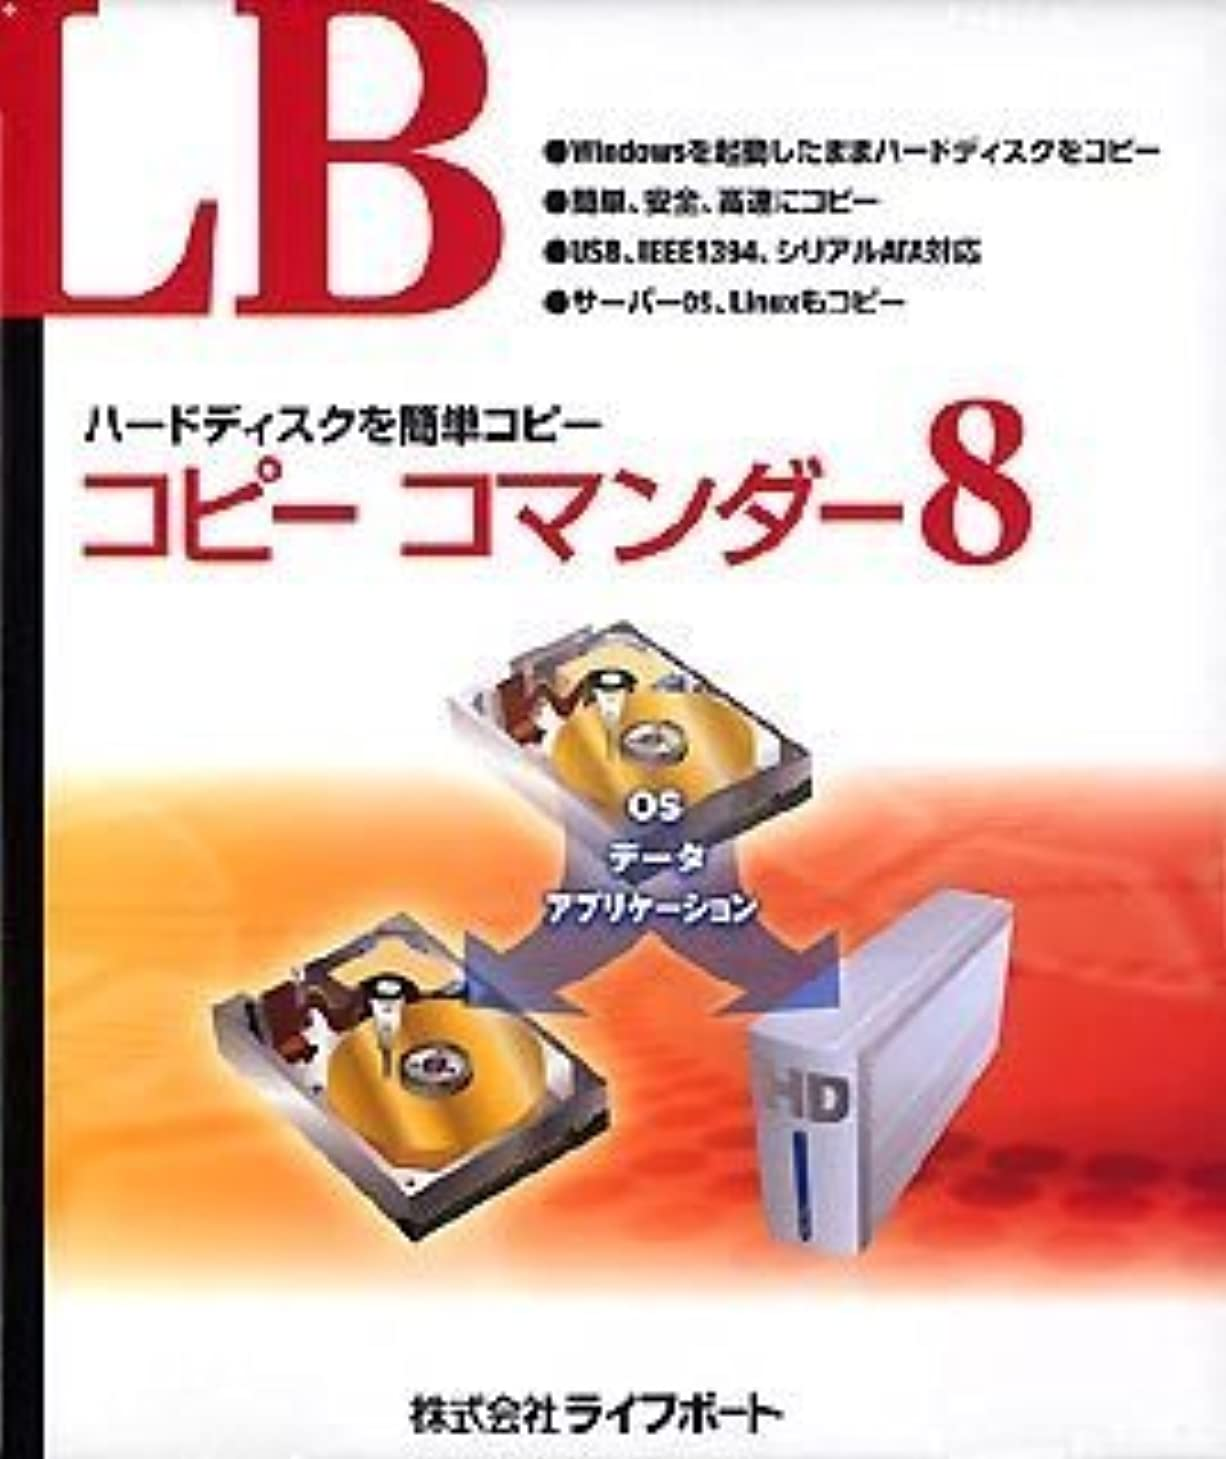 ファランクスきれいにセマフォLB コピーコマンダー8